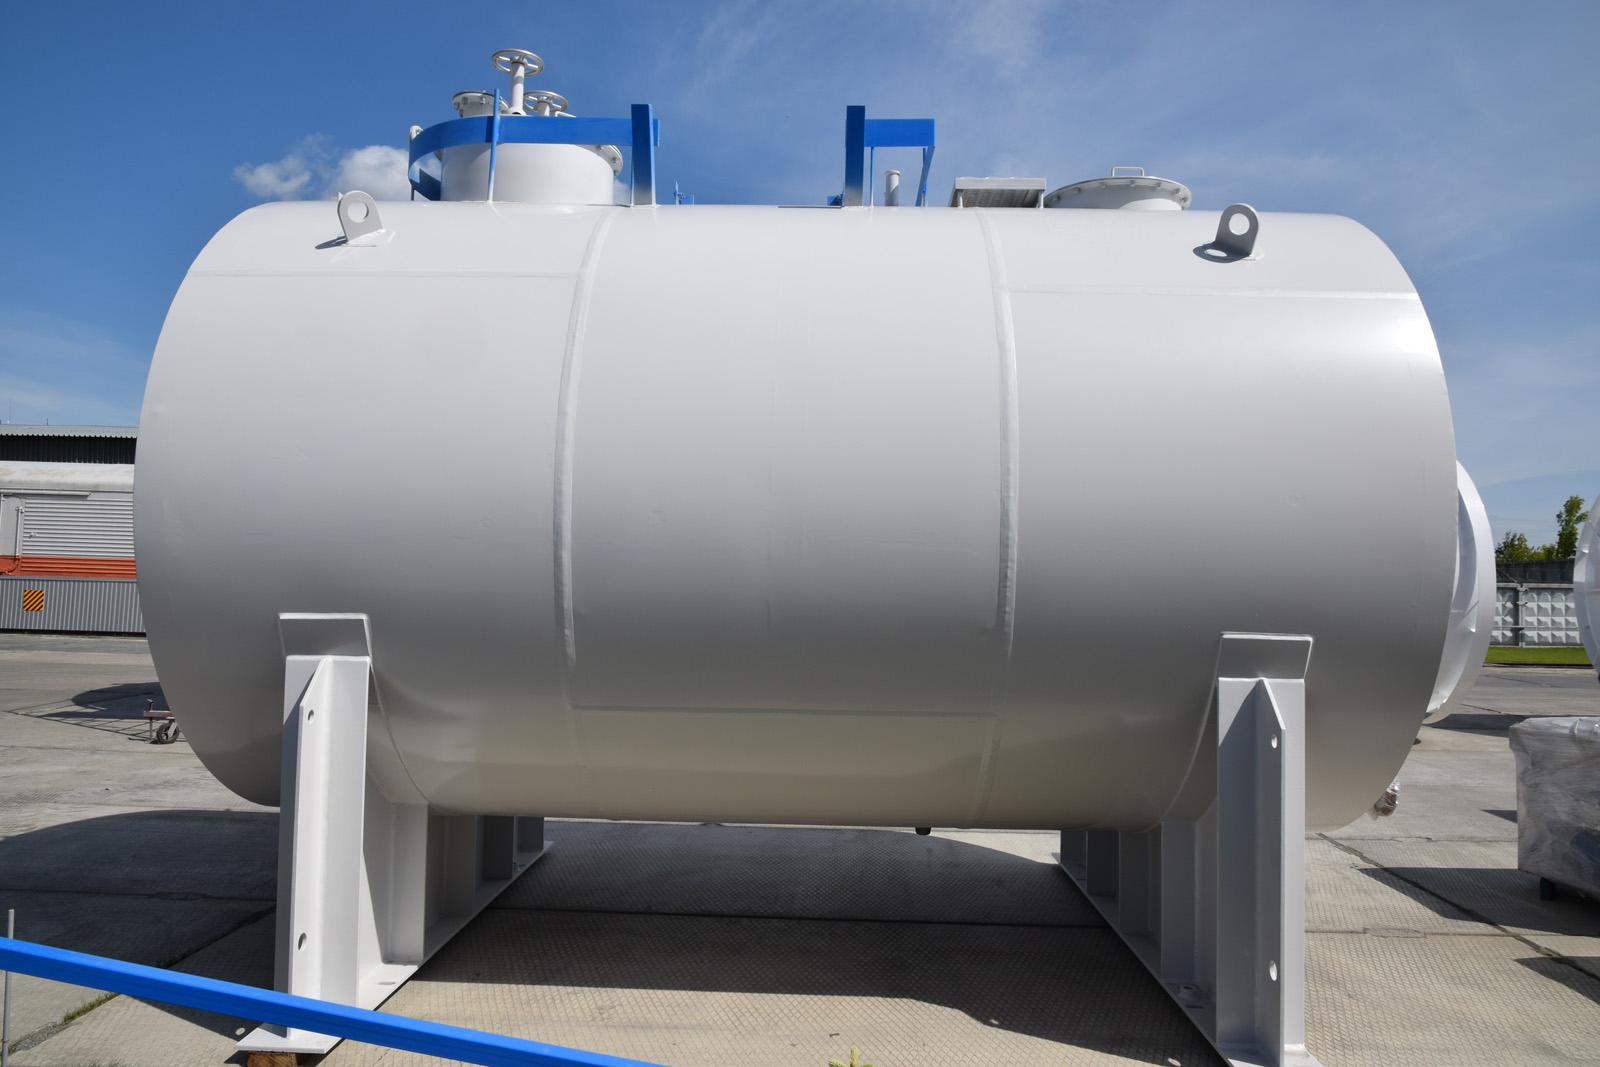 Картинки по запросу емкости и резервуары в промышленности